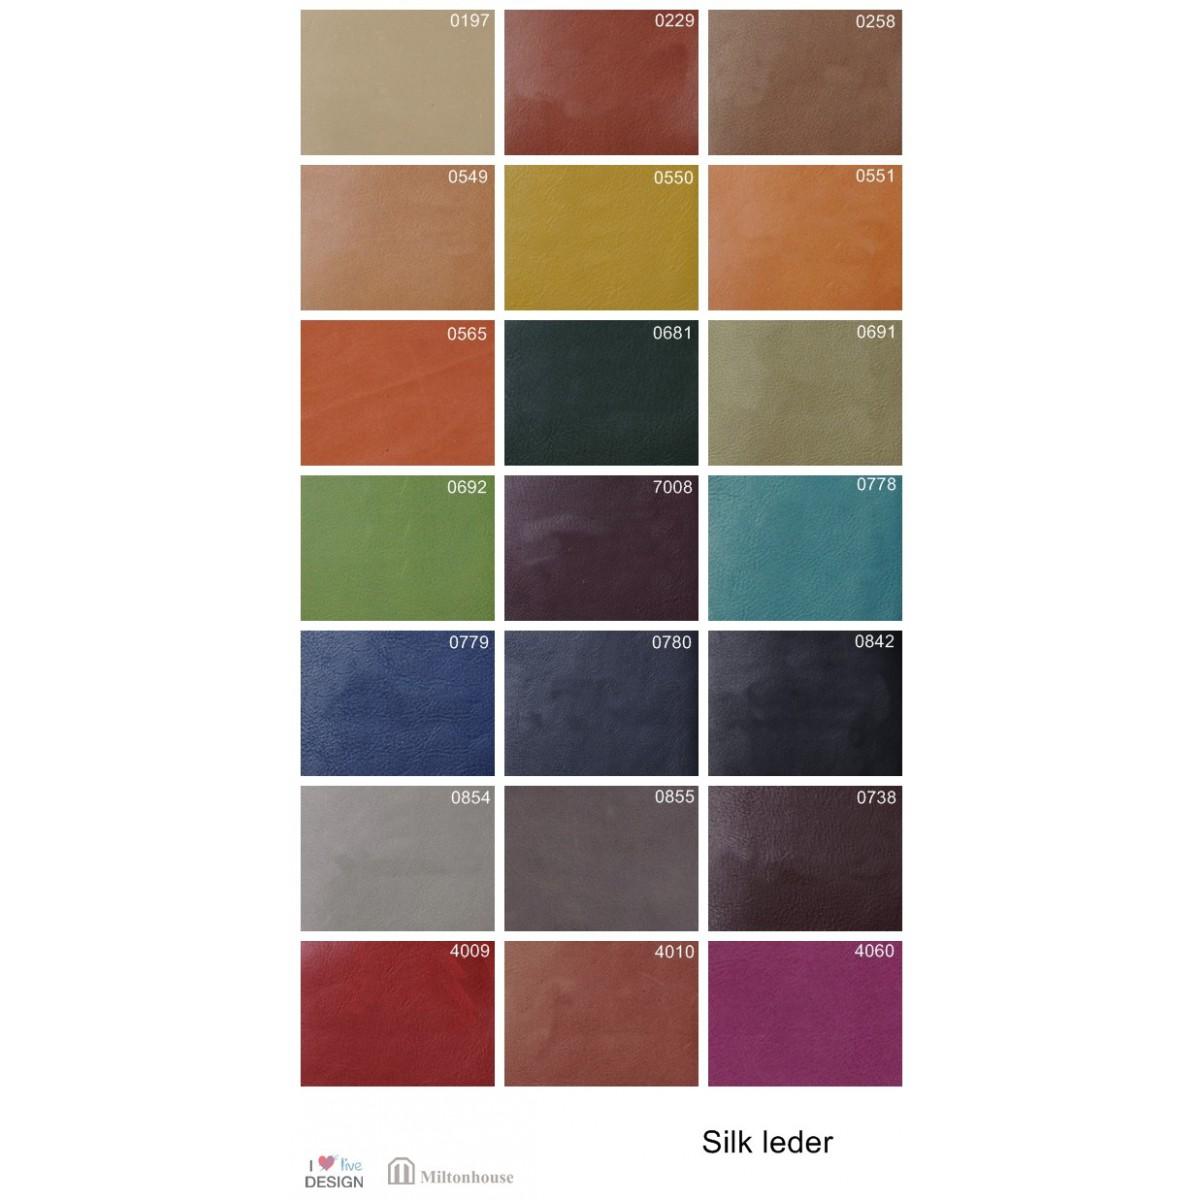 silk-leder-leer-stalen-het-anker-l'ancora